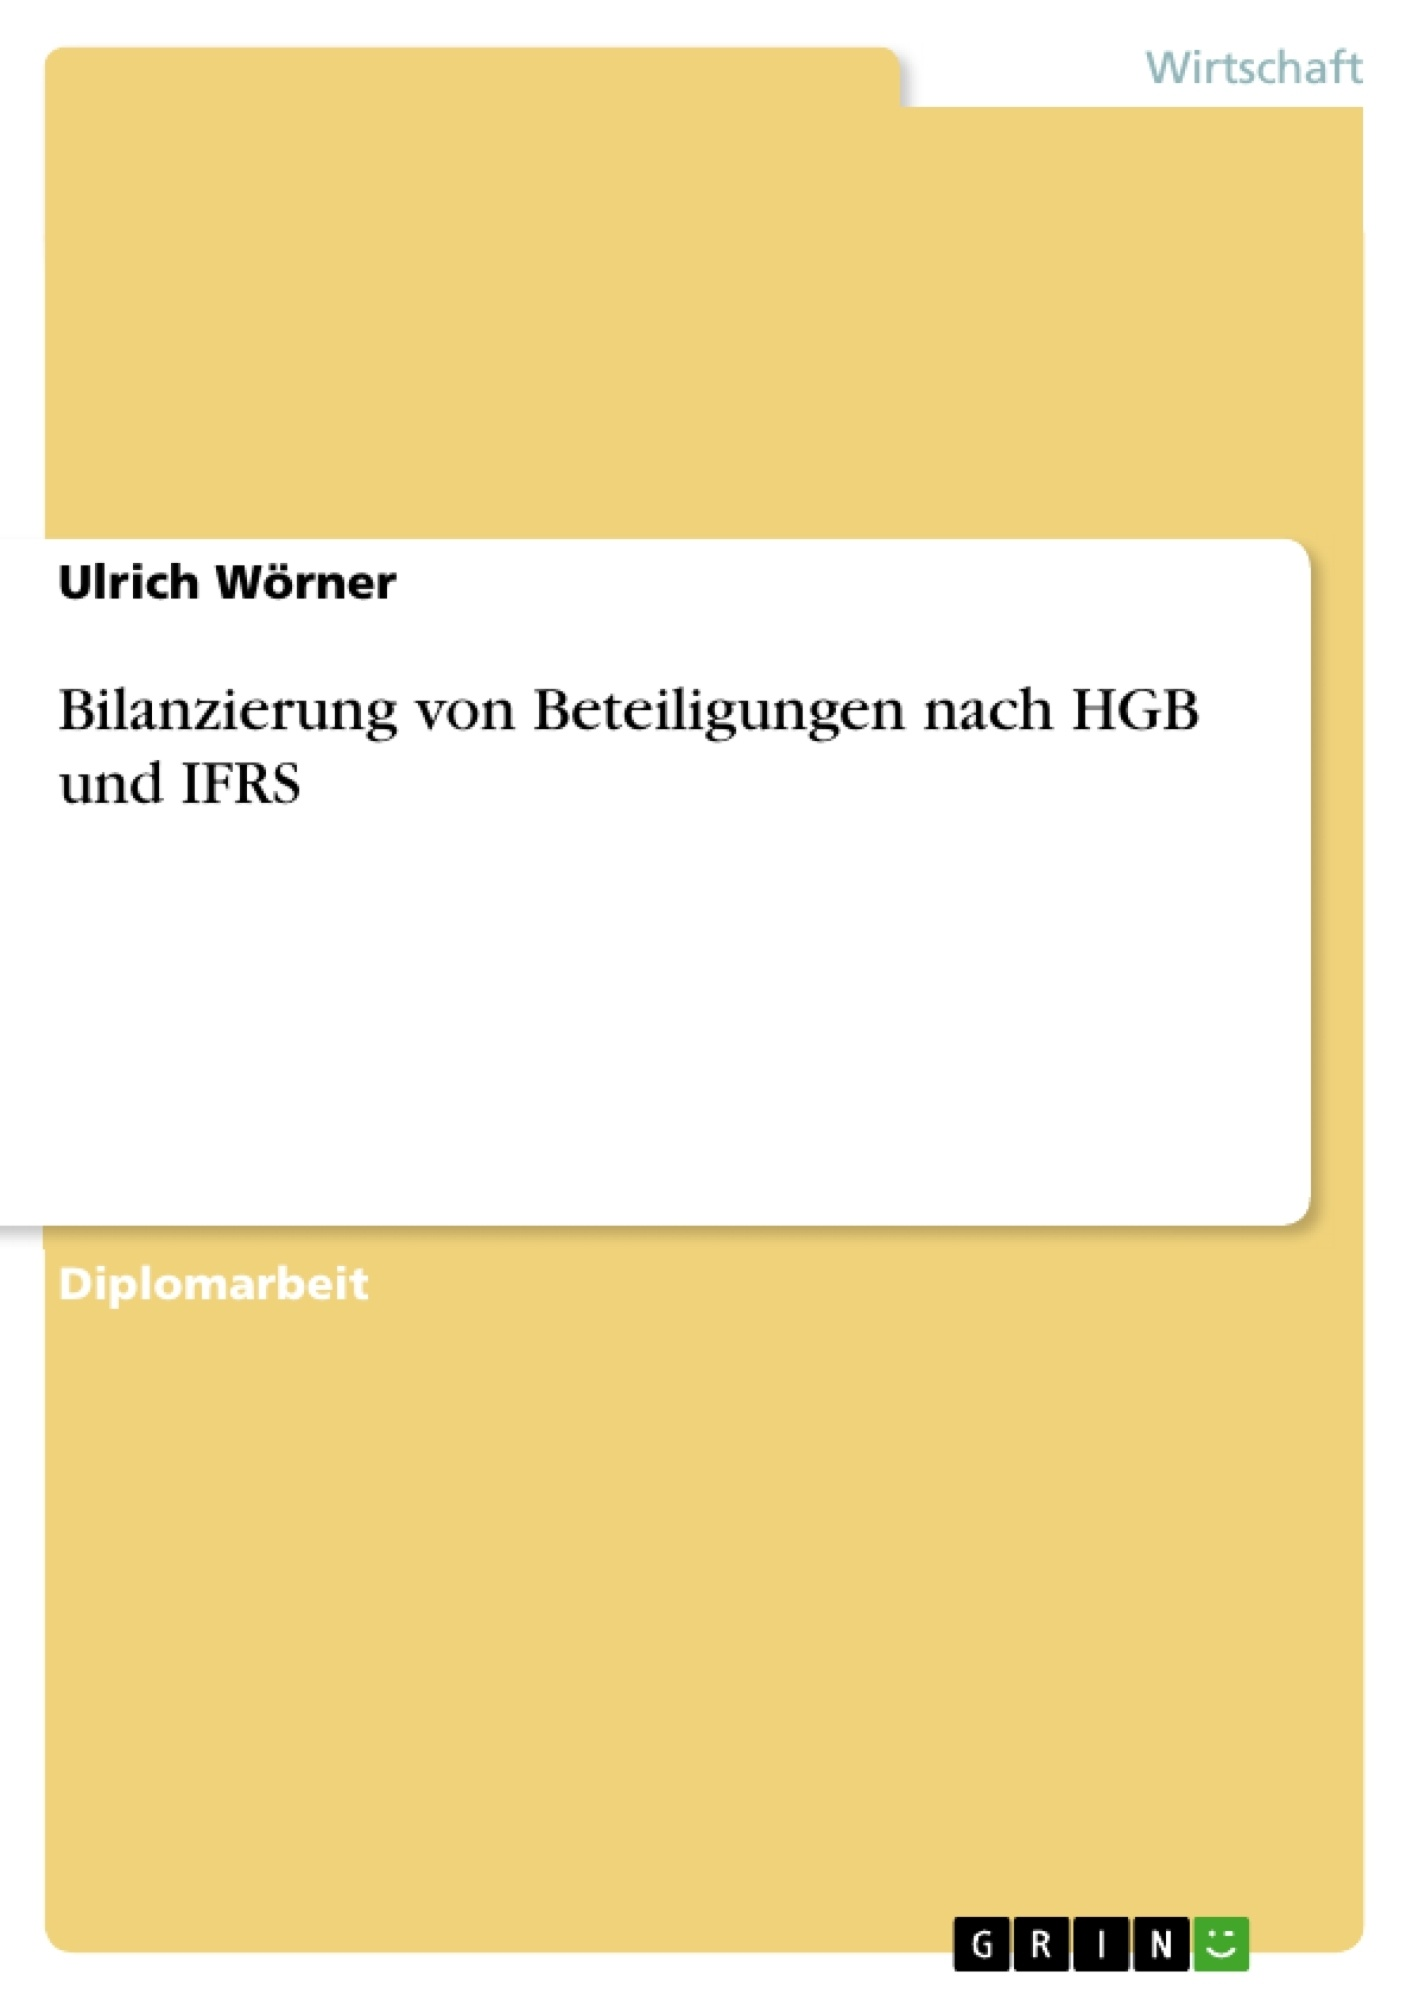 Titel: Bilanzierung von Beteiligungen nach HGB und IFRS